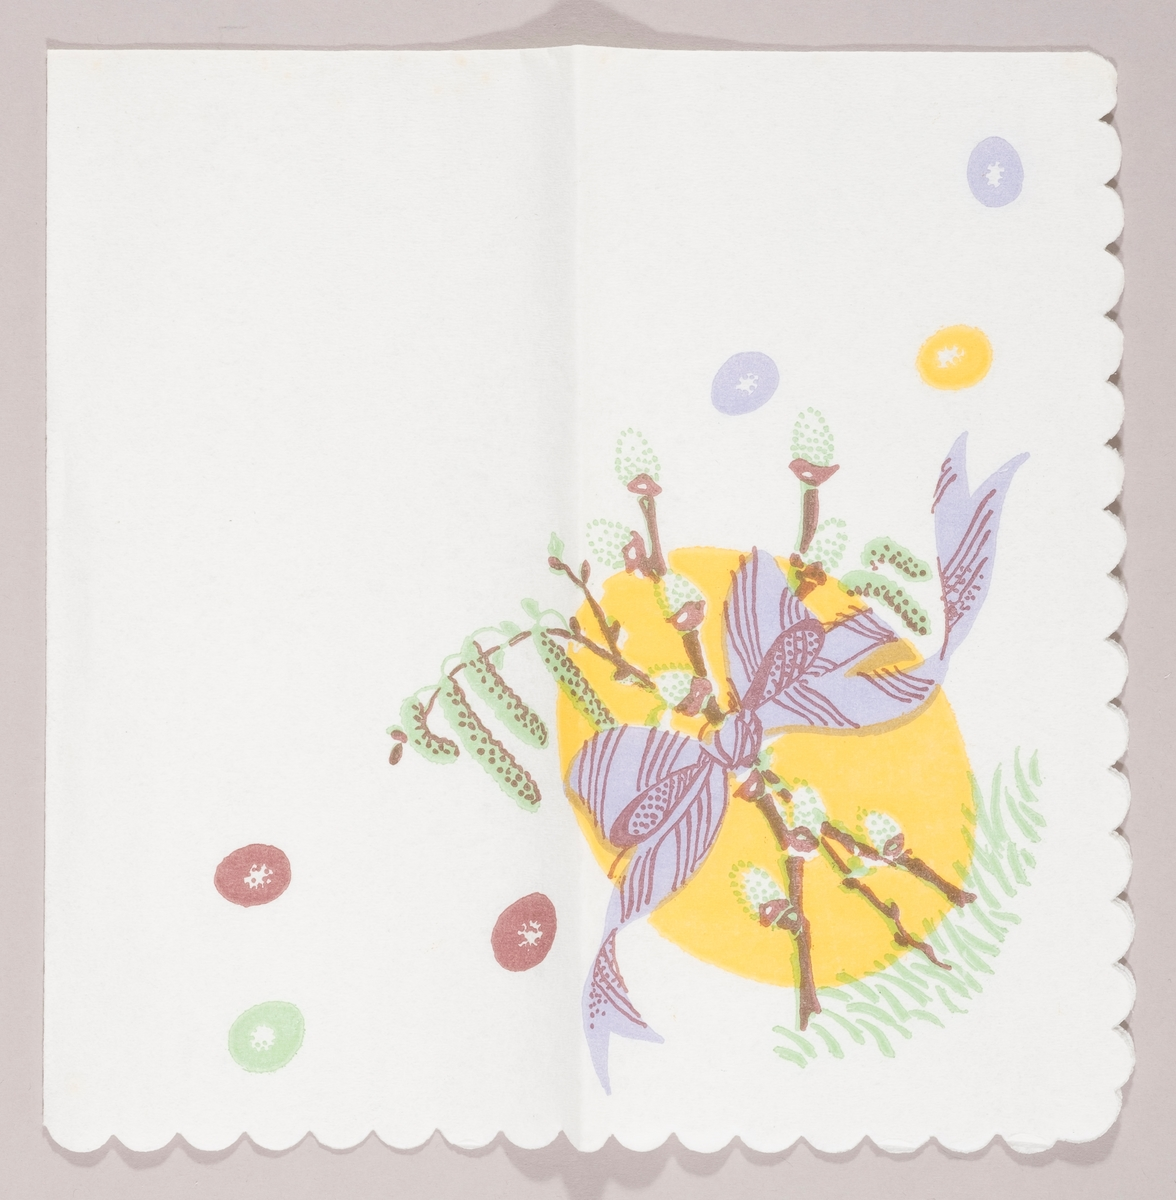 Et stort gult påskeegg på grønt gress. Grener med gåsunger og rakler bundet sammen av et lilla bånd med sløyfe. Små brune, lilla, gule og grønne påskeegg.